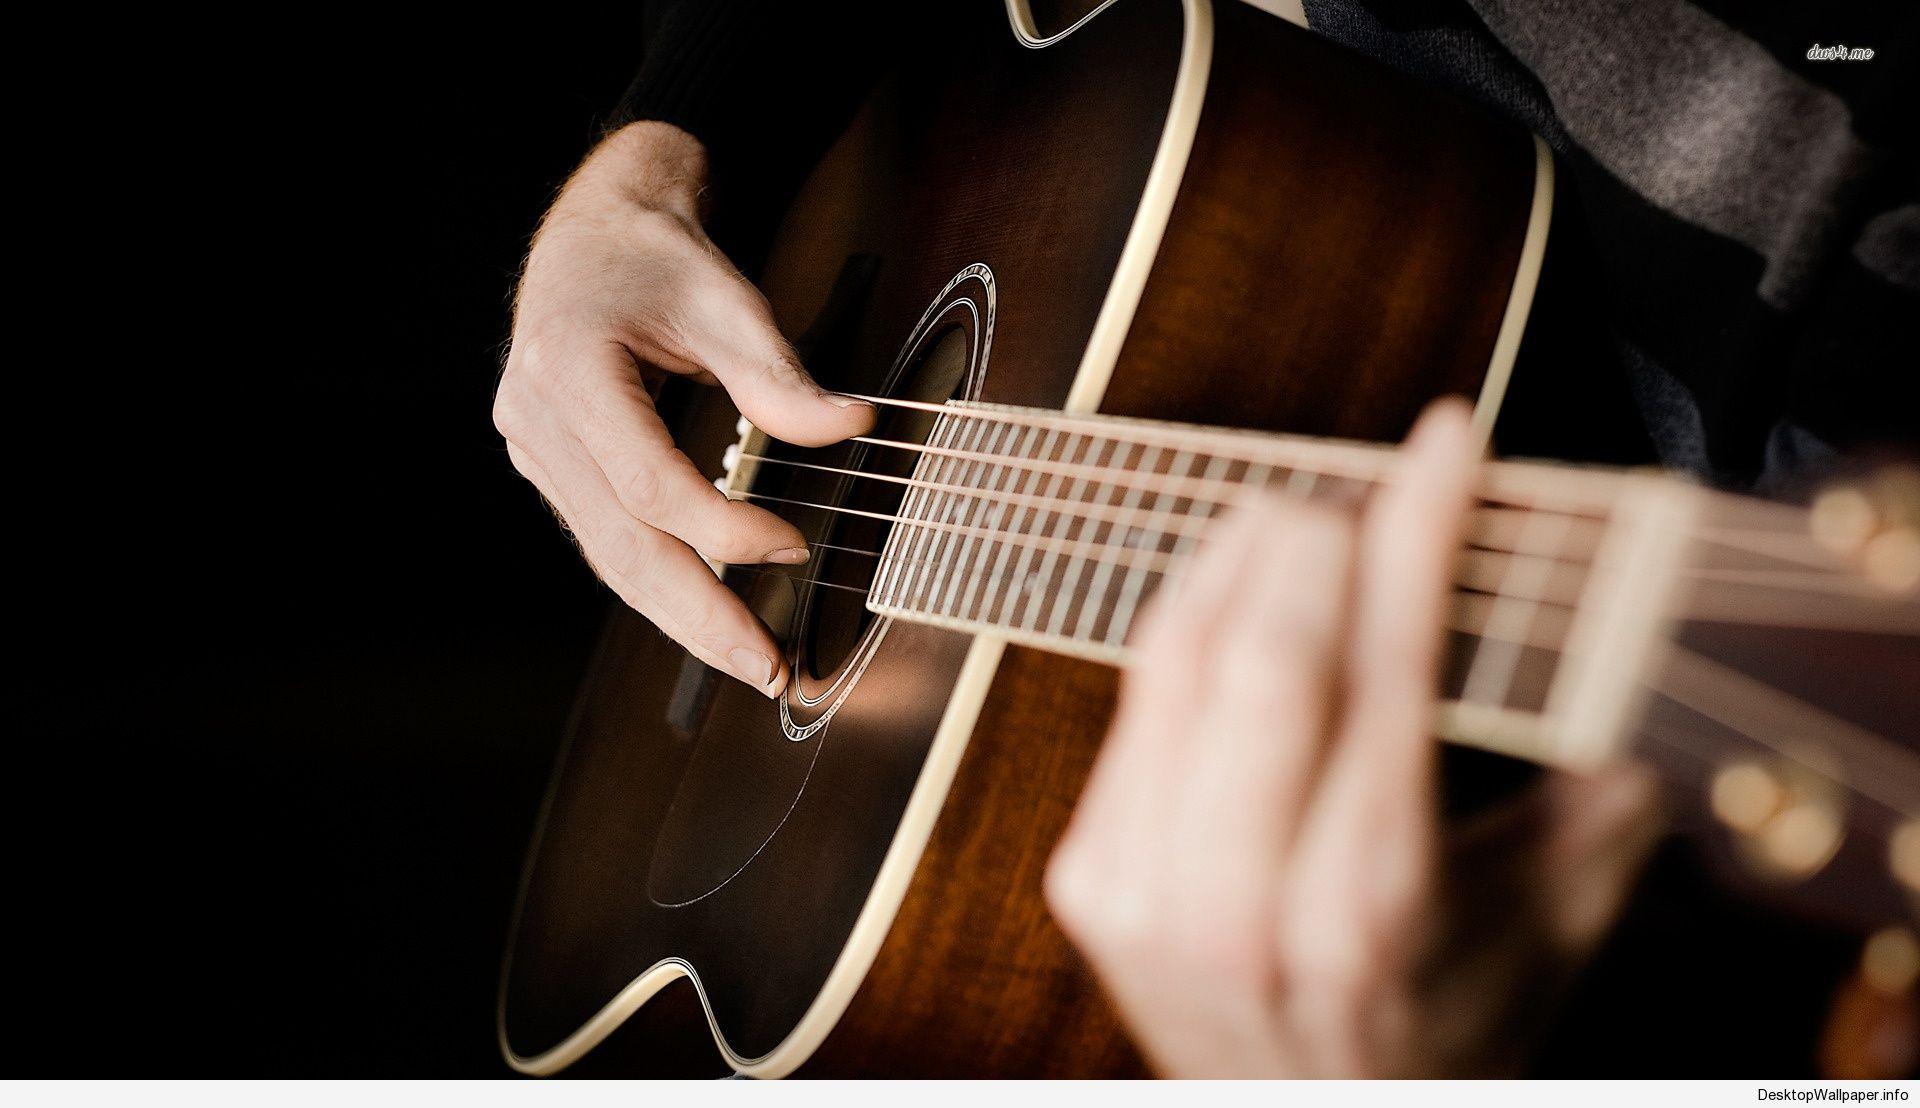 Top Wallpaper Music Guitar - 155480d8e62618e393a3d3b6529afb00  Photograph_995114.jpg